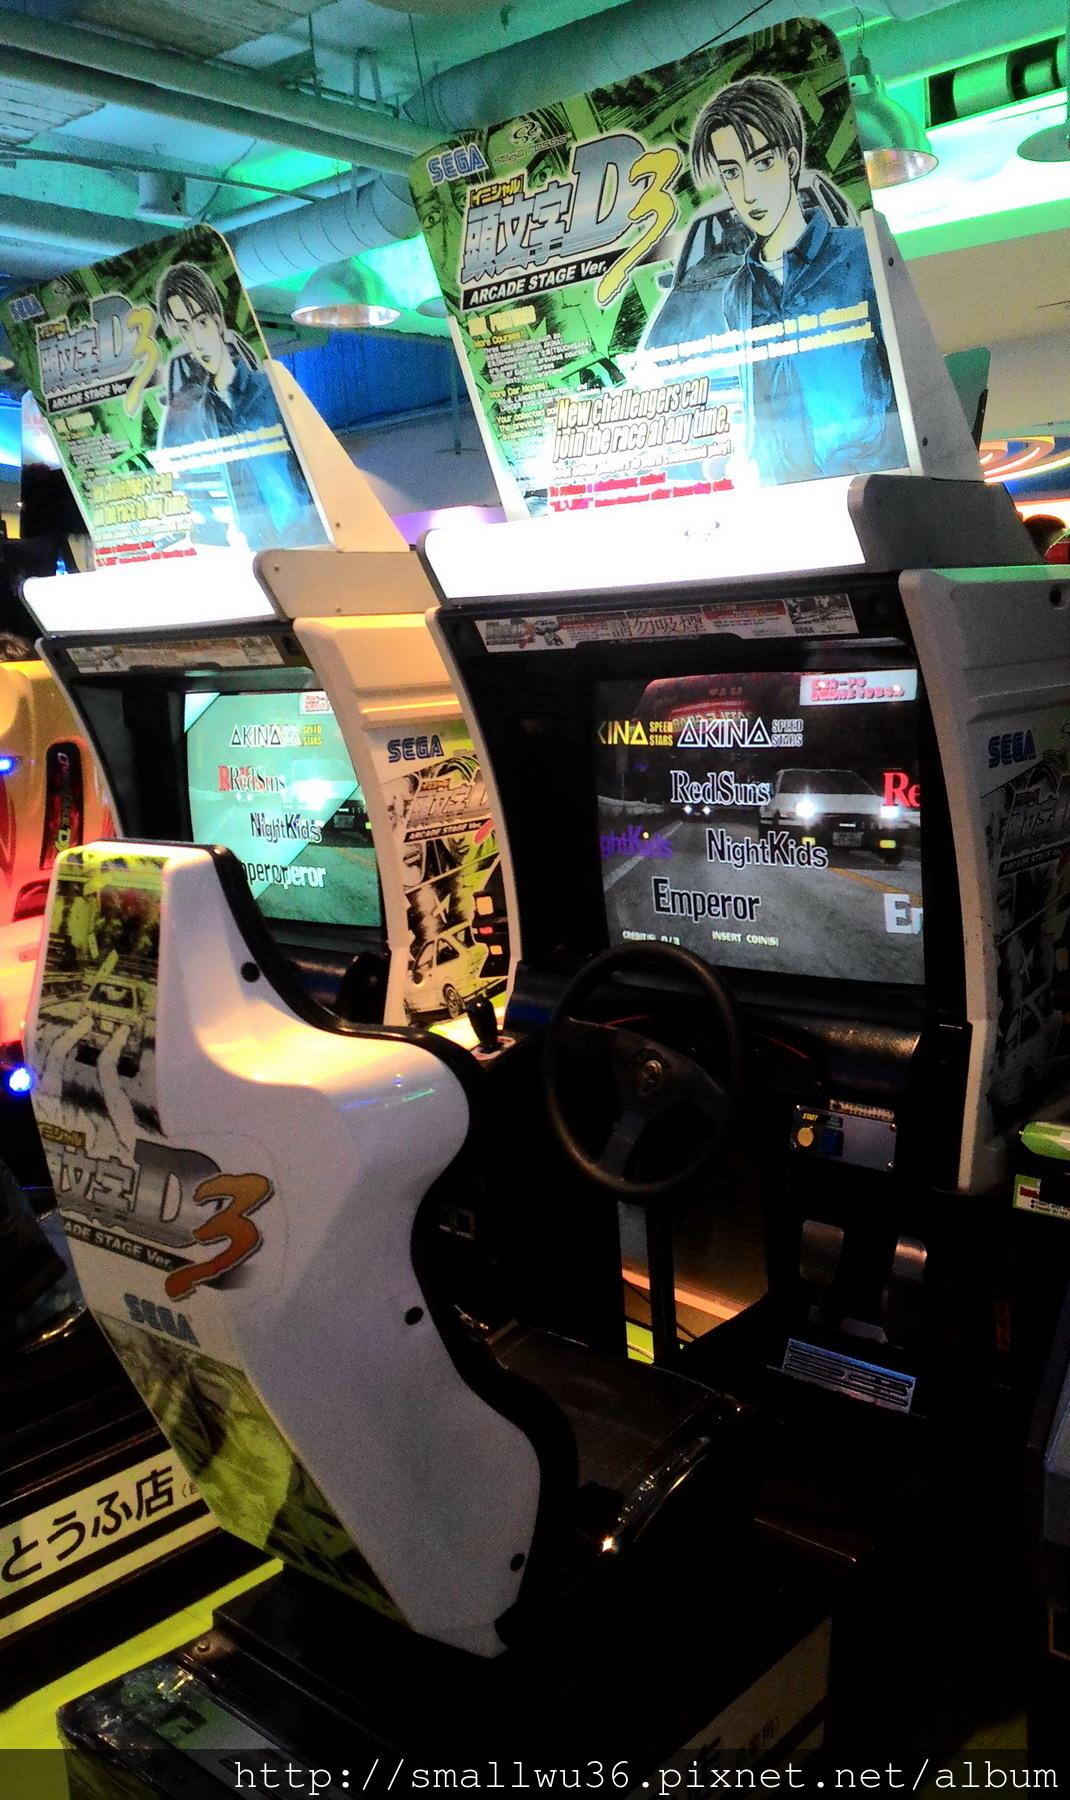 SEGA-頭文字D3-賽車遊戲機台對戰.jpg